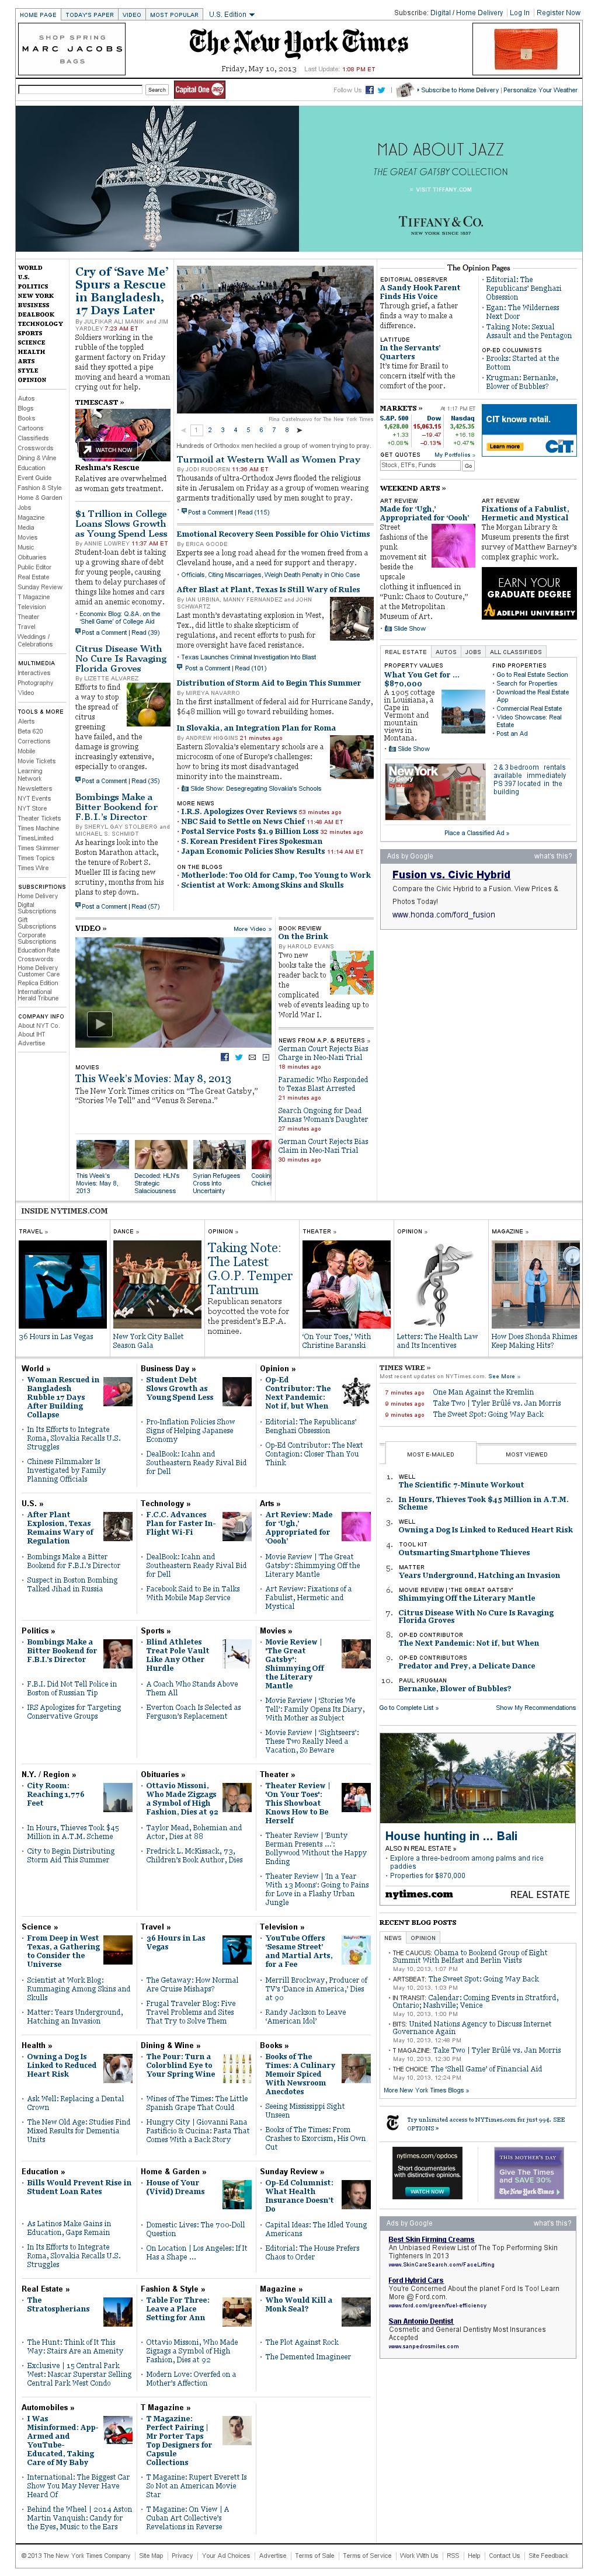 The New York Times at Friday May 10, 2013, 5:19 p.m. UTC